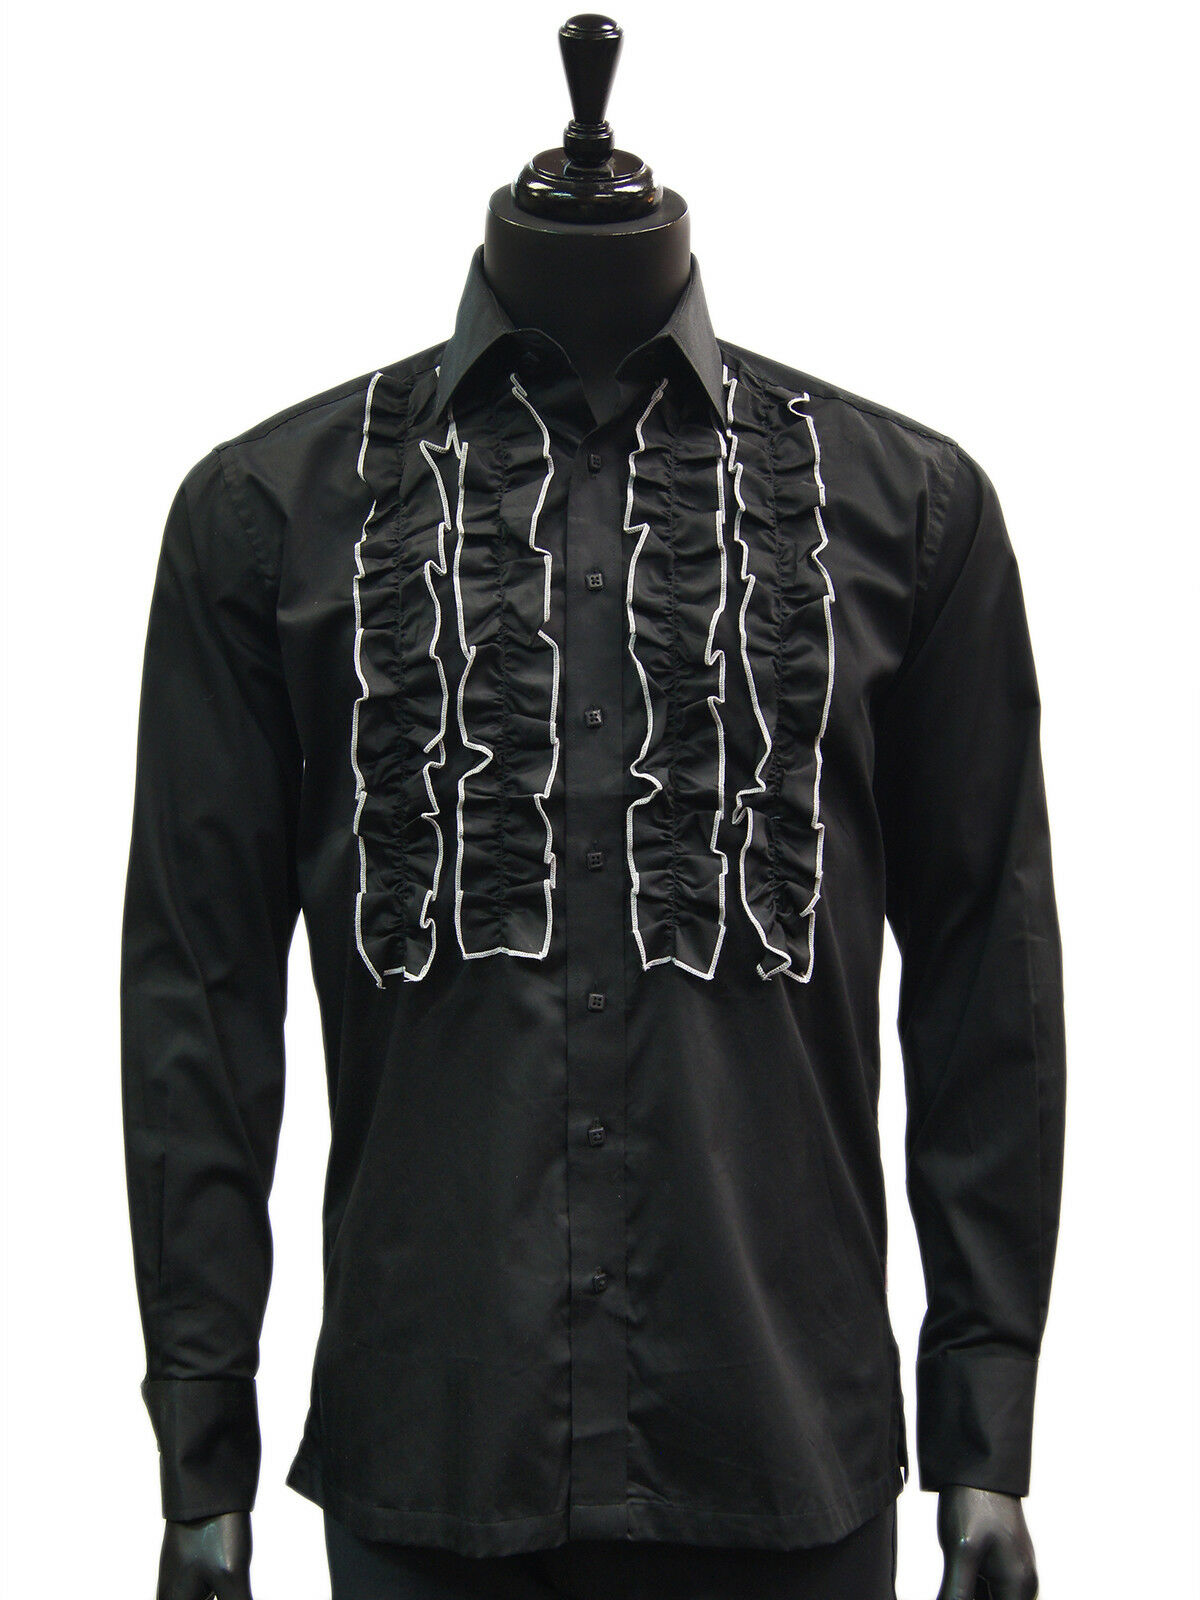 2588f3980902 Manzini Bianco Bordo Uomo Manica Lunga Casual Gale Tuxedo Camicia Abito  Nero noavpo3724-Camicie casual e maglie